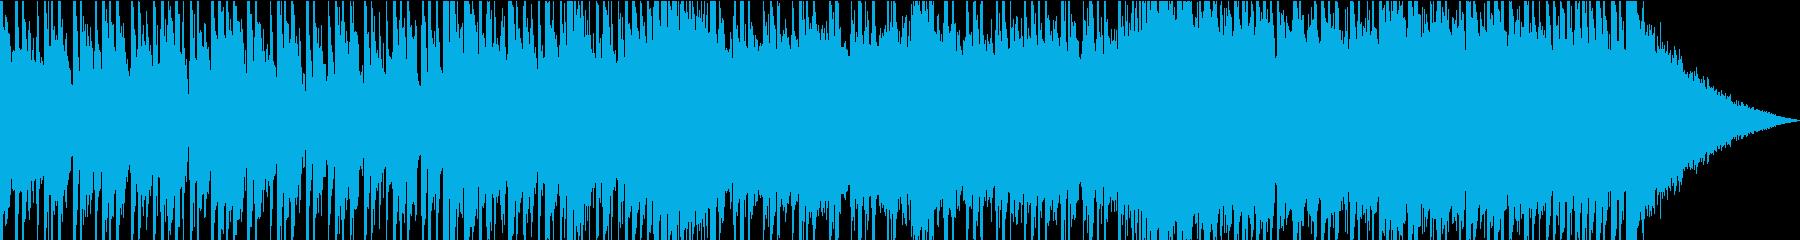 不安なトレモロ効果のギターフィギュ...の再生済みの波形